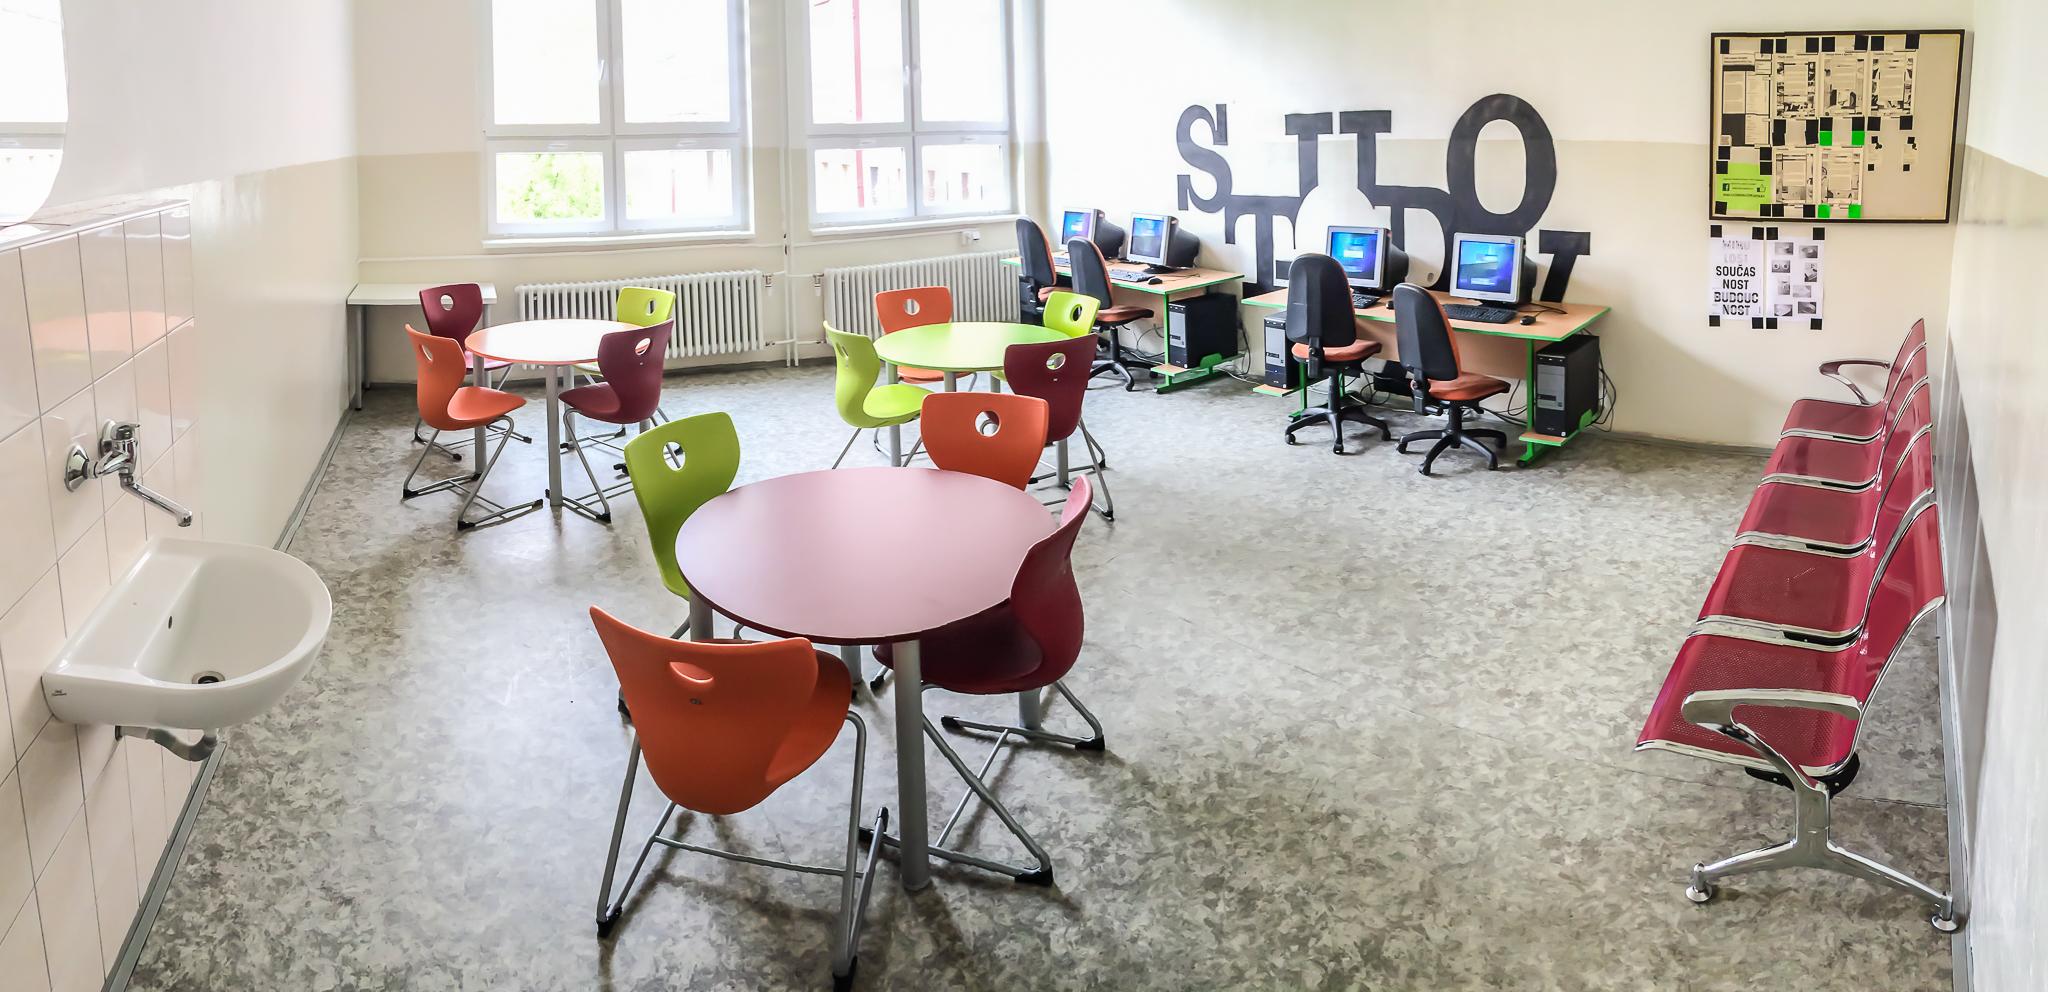 Studovna s počítači a wifi připojením